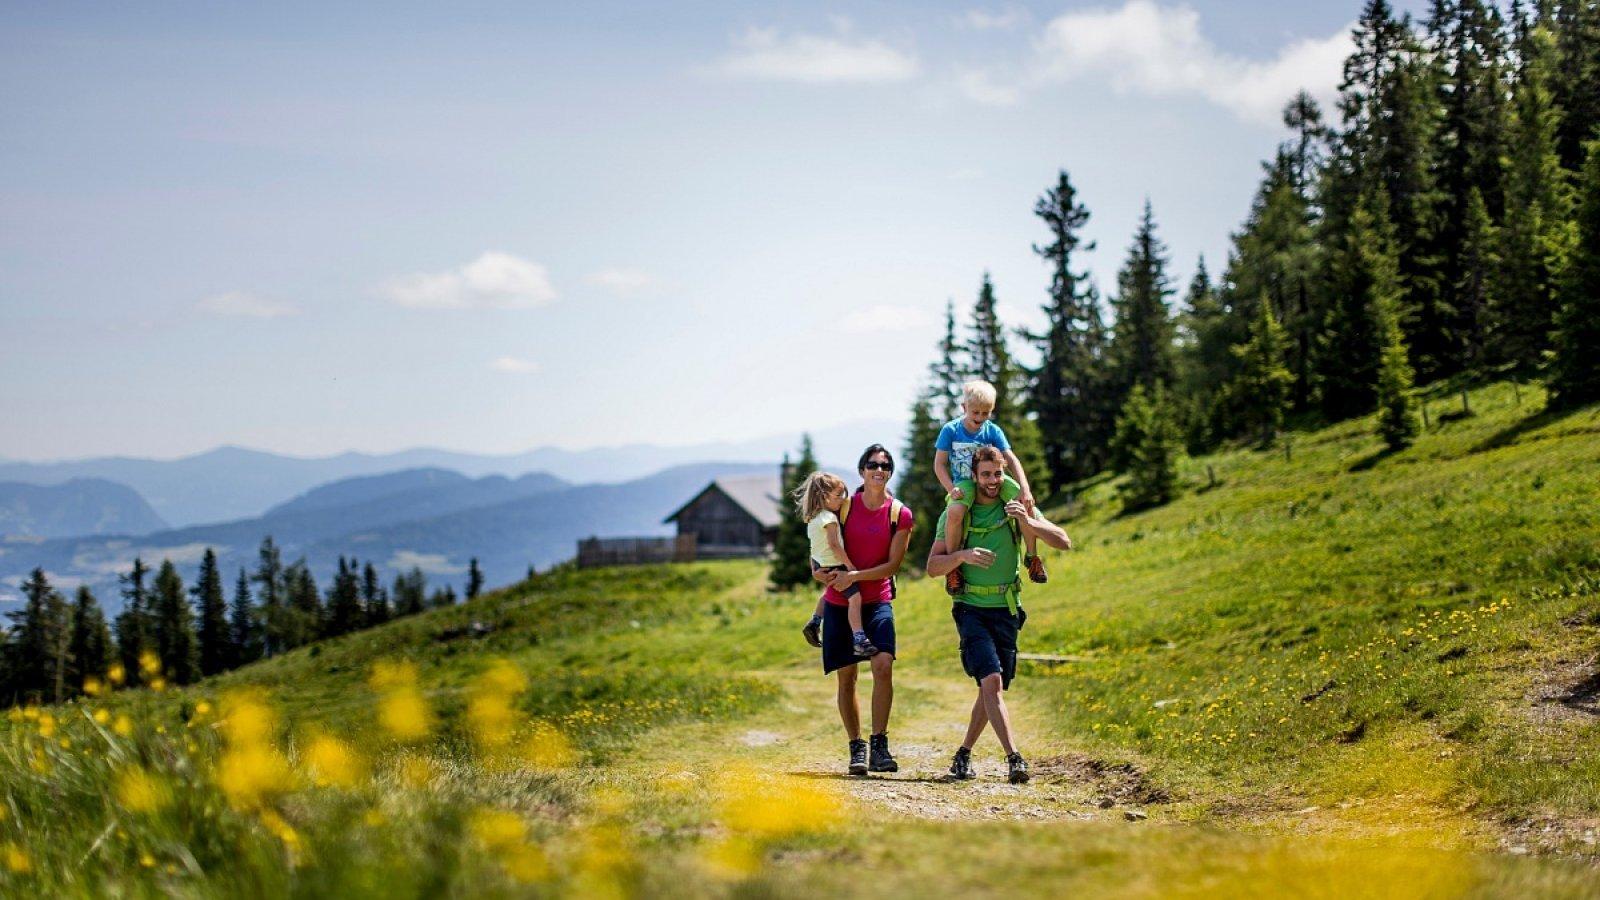 Wakacje w górach dla całej rodziny